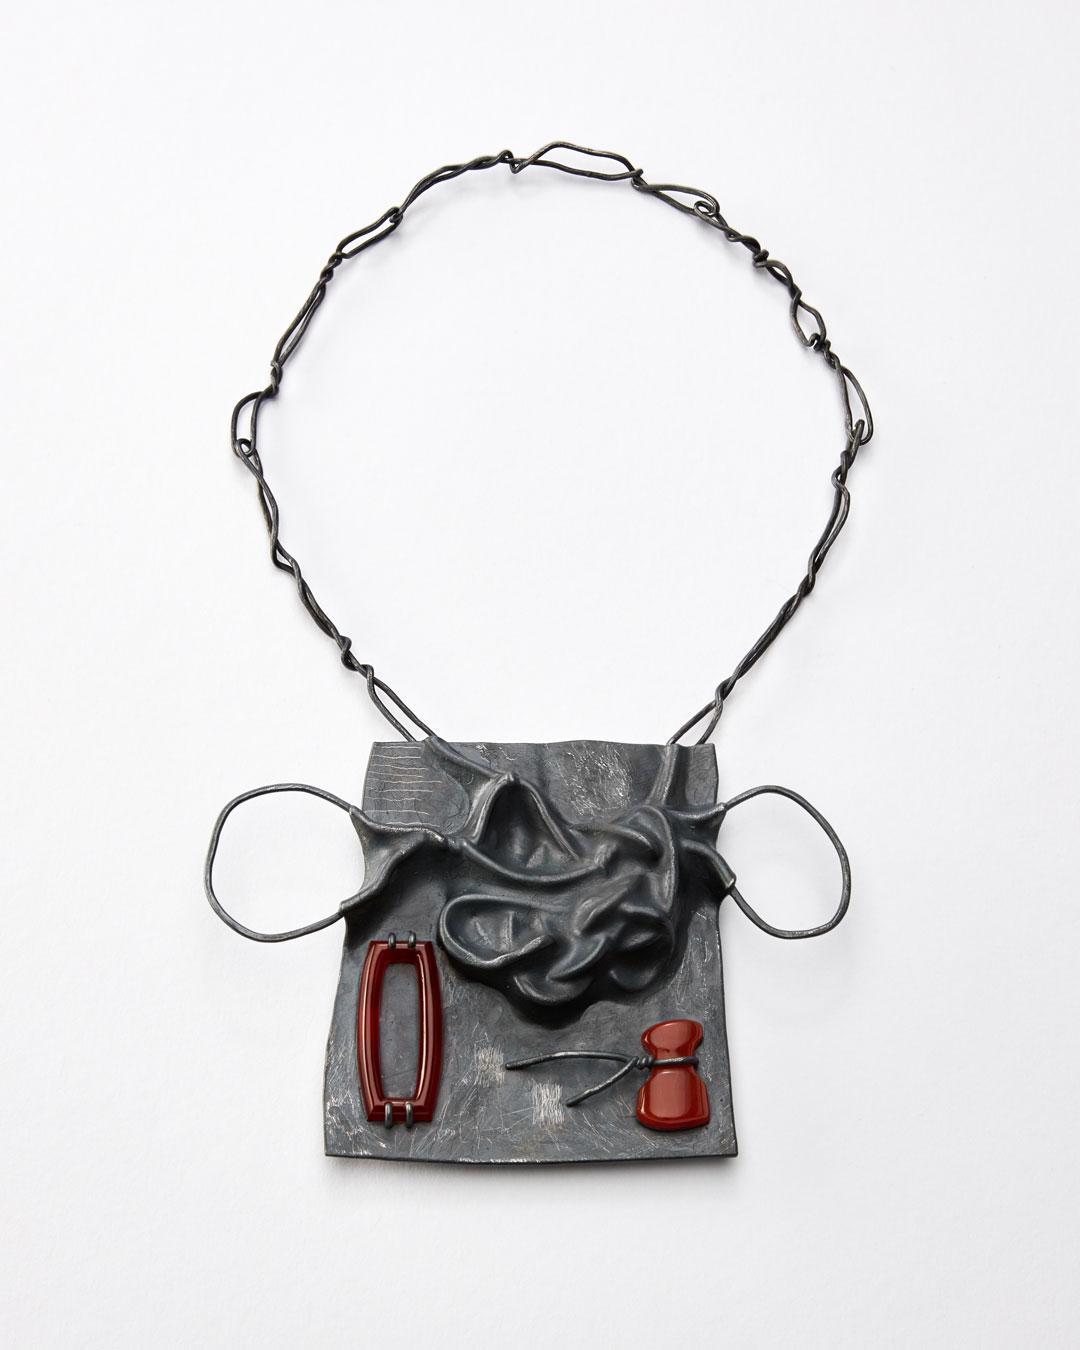 Iris Bodemer, Klang 5 (Geluid 5), 2019, hanger; zilver, thermoplast, carneool, 100 x 140 x 15 mm, €4000